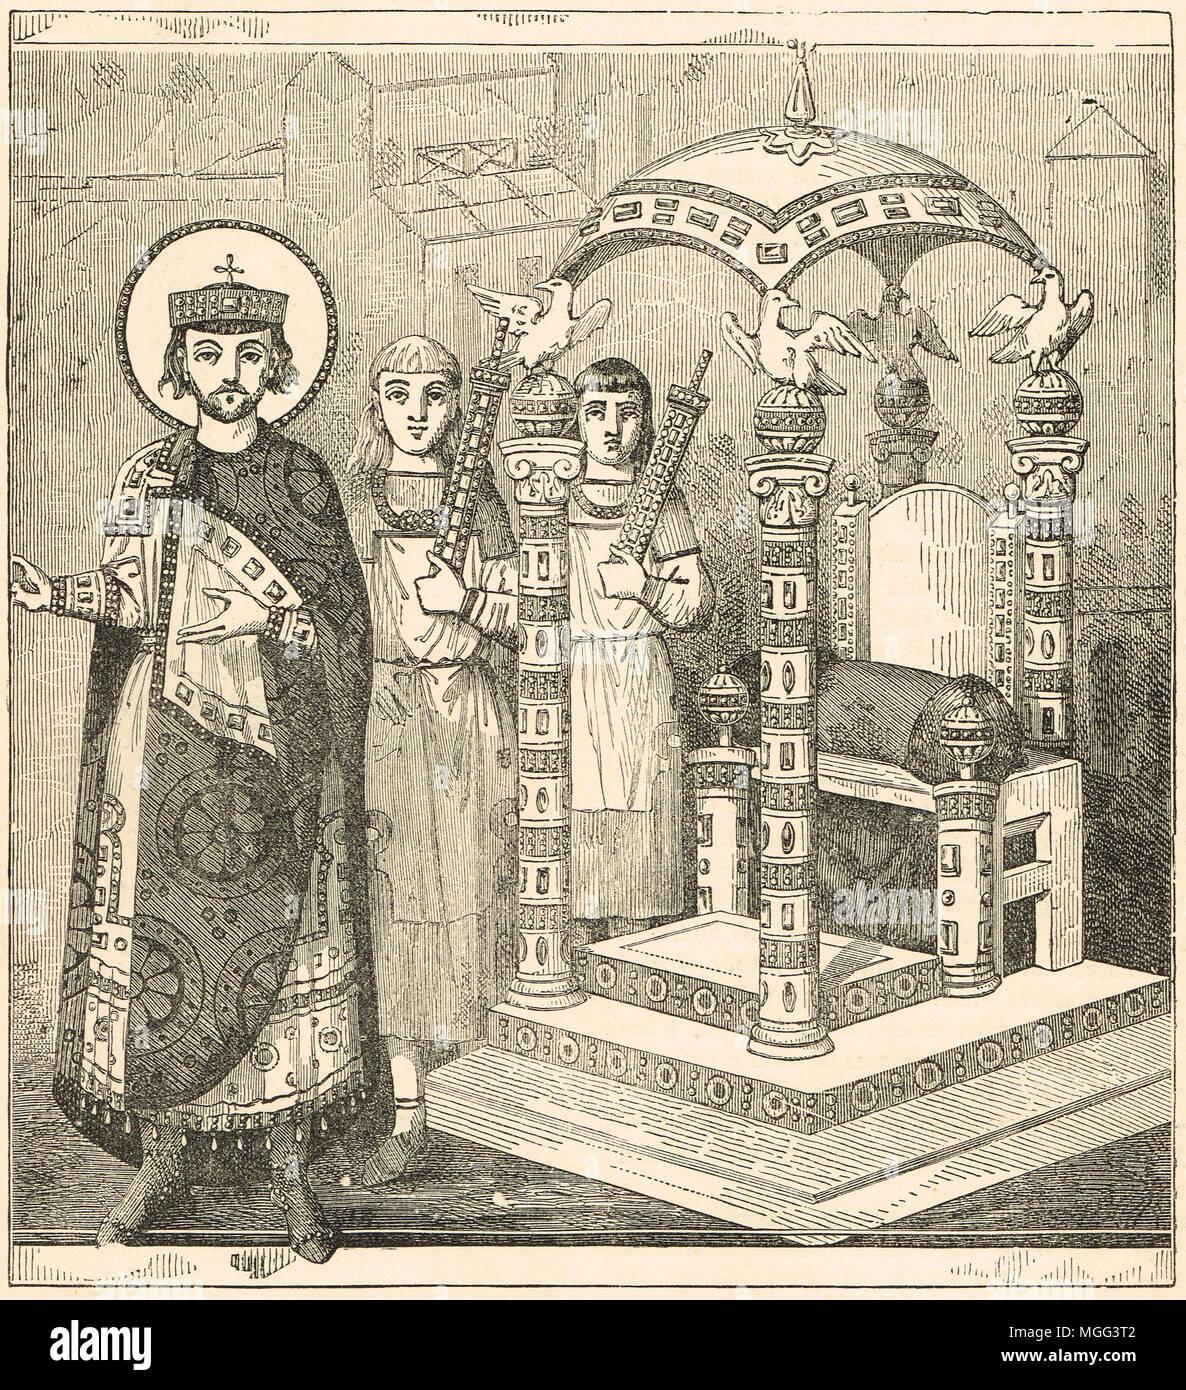 Le trône de l'empereur de Constantinople Photo Stock